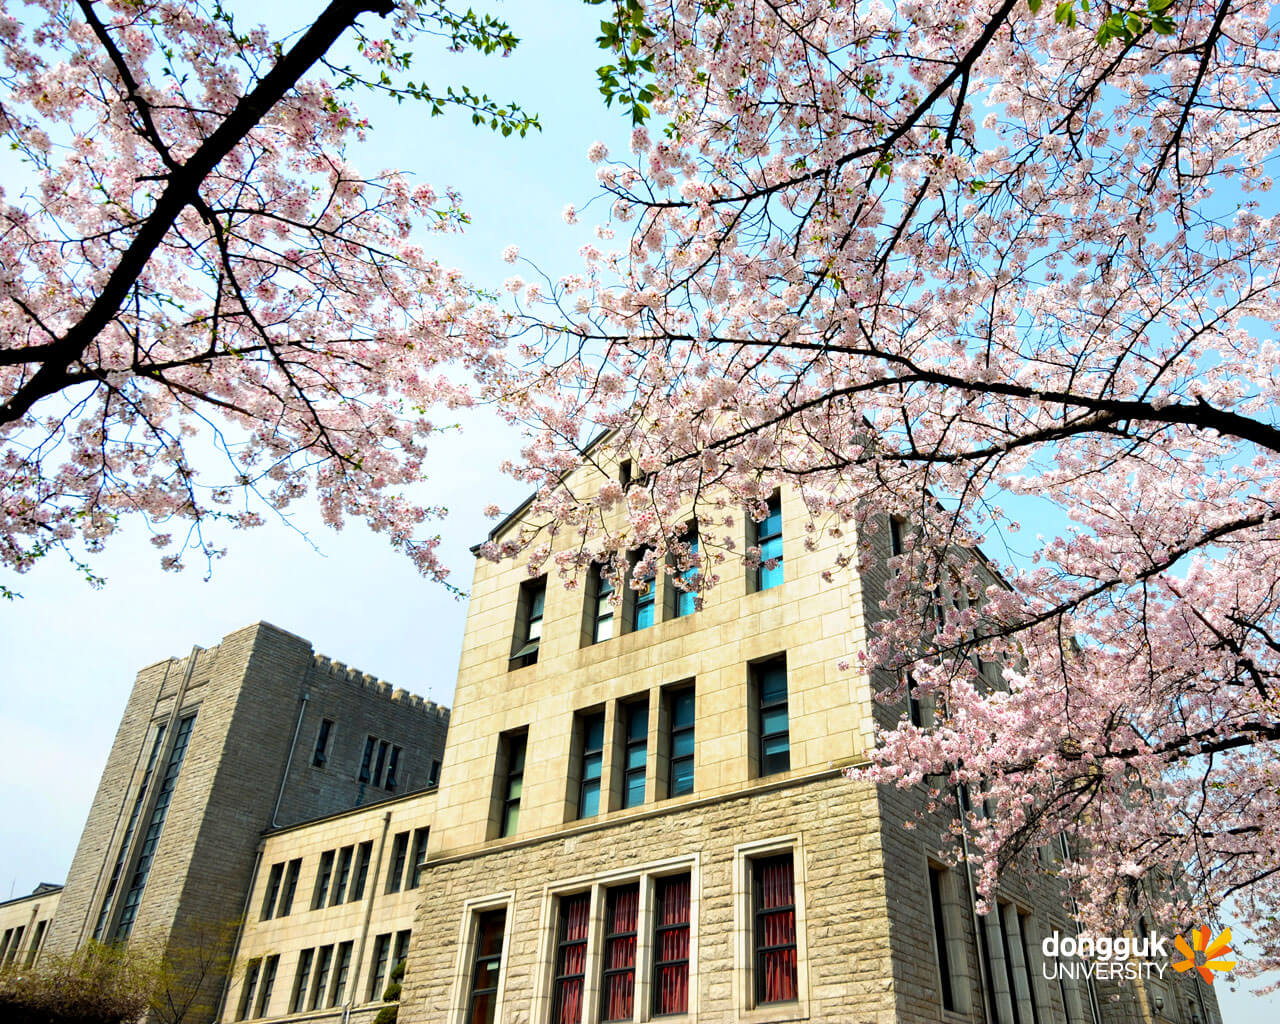 Học tại đại học Dongguk: Chi phí thuê bên ngoài có đắt không?